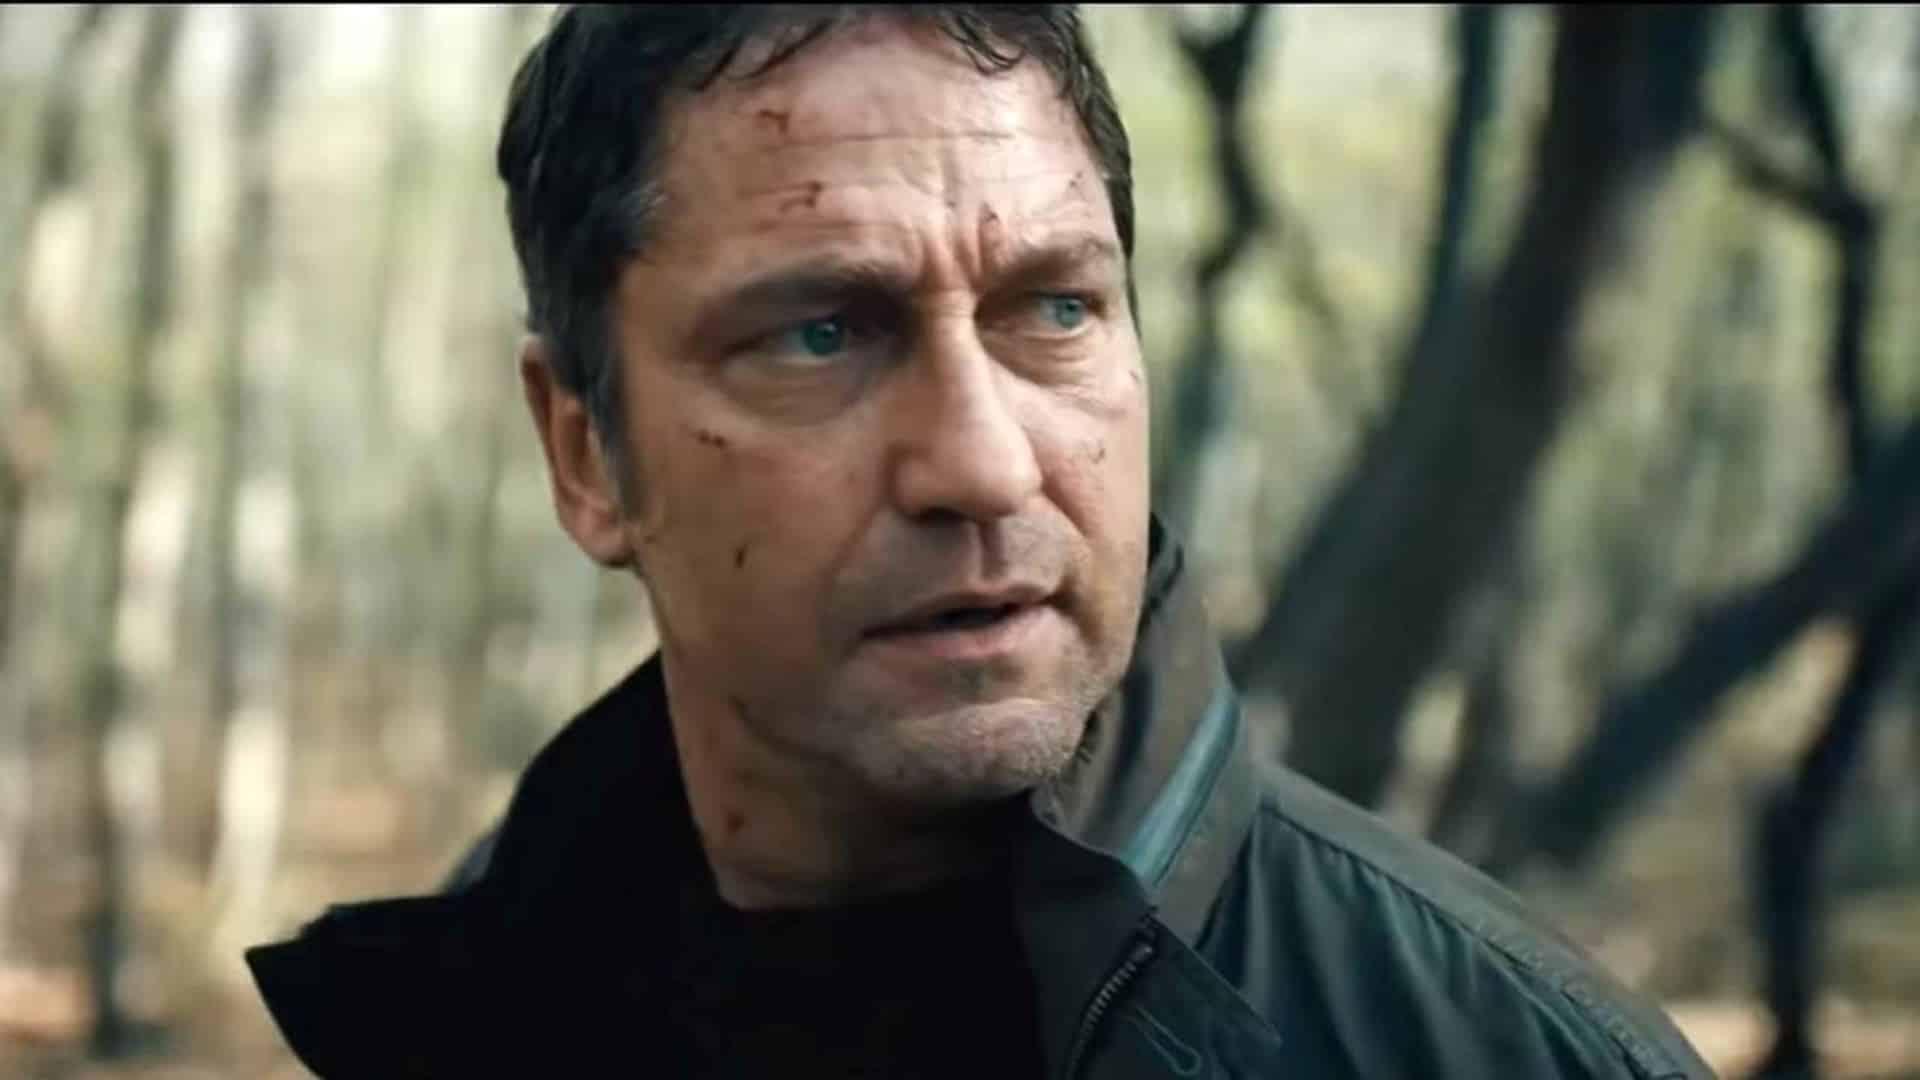 Attacco al Potere 3 - Angel has fallen: ecco i nuovi spot del film action